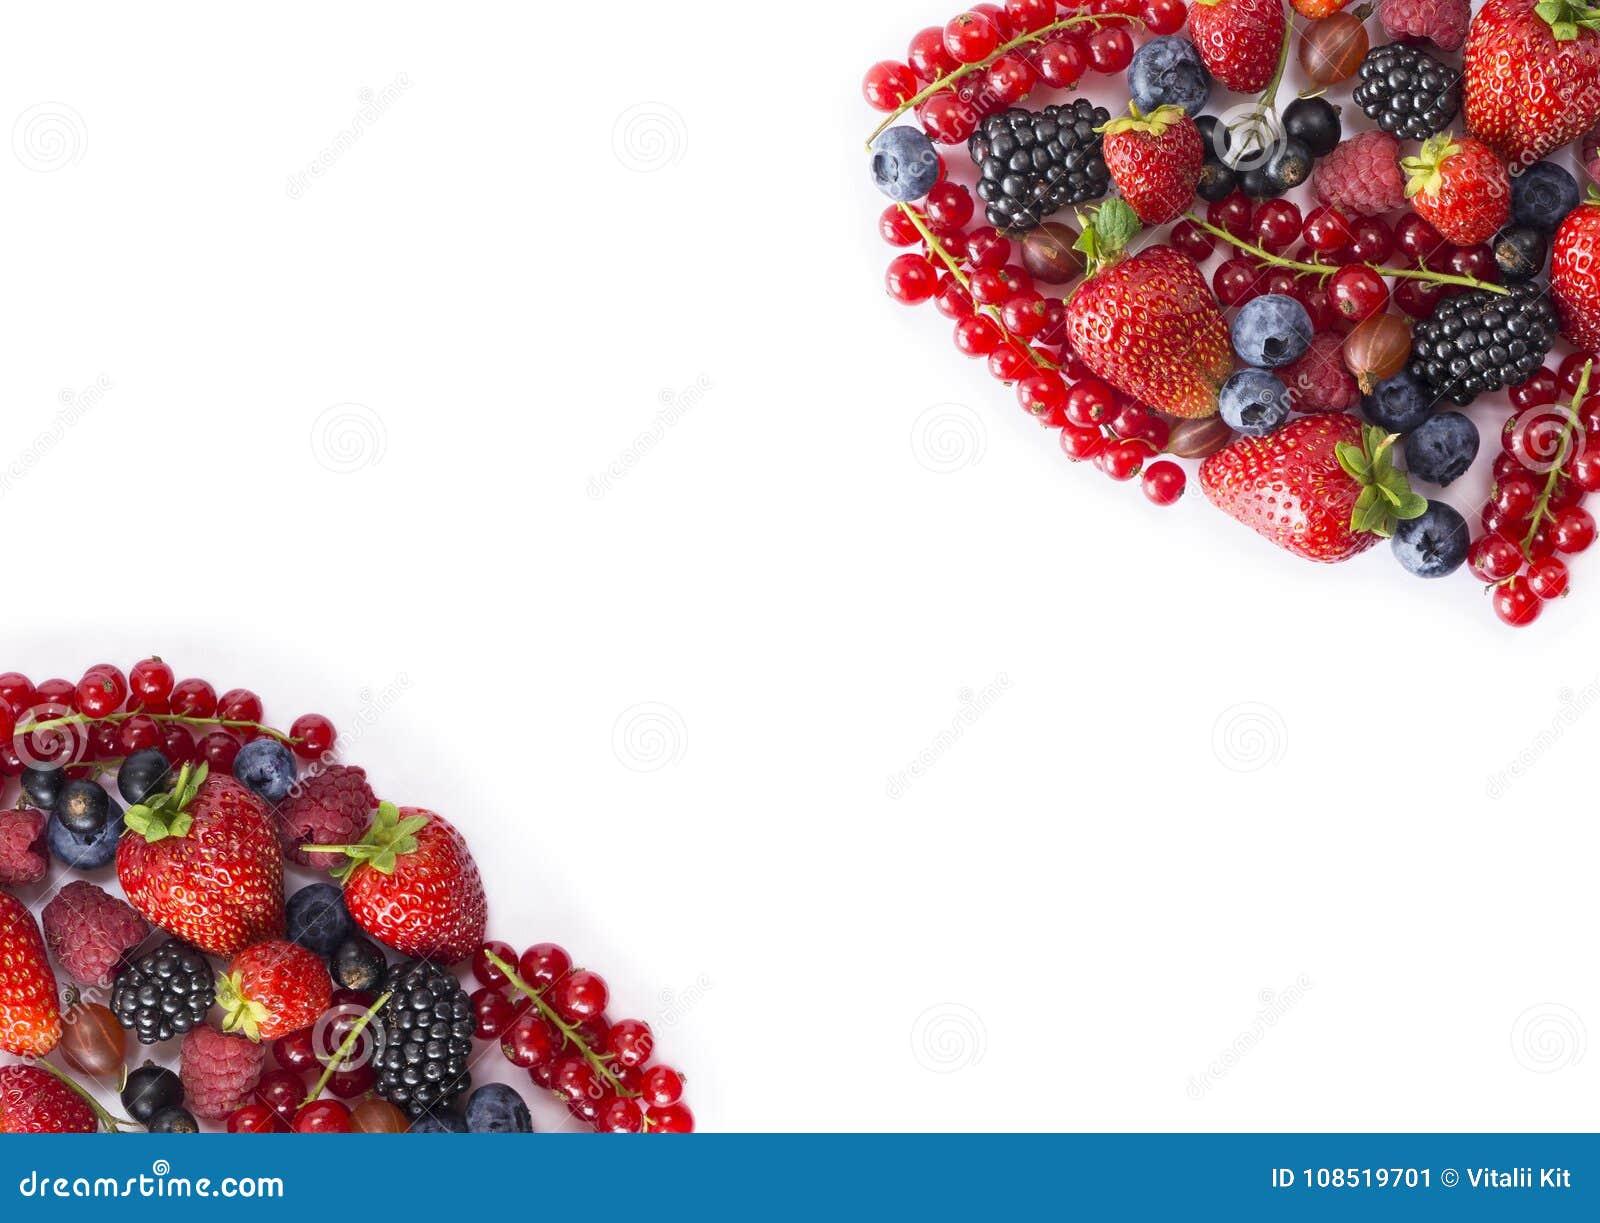 Comida Negro-azul y roja en el fondo blanco Arándanos maduros, pasas rojas, frambuesas, fresas, grosellas espinosas Berrie mezcla